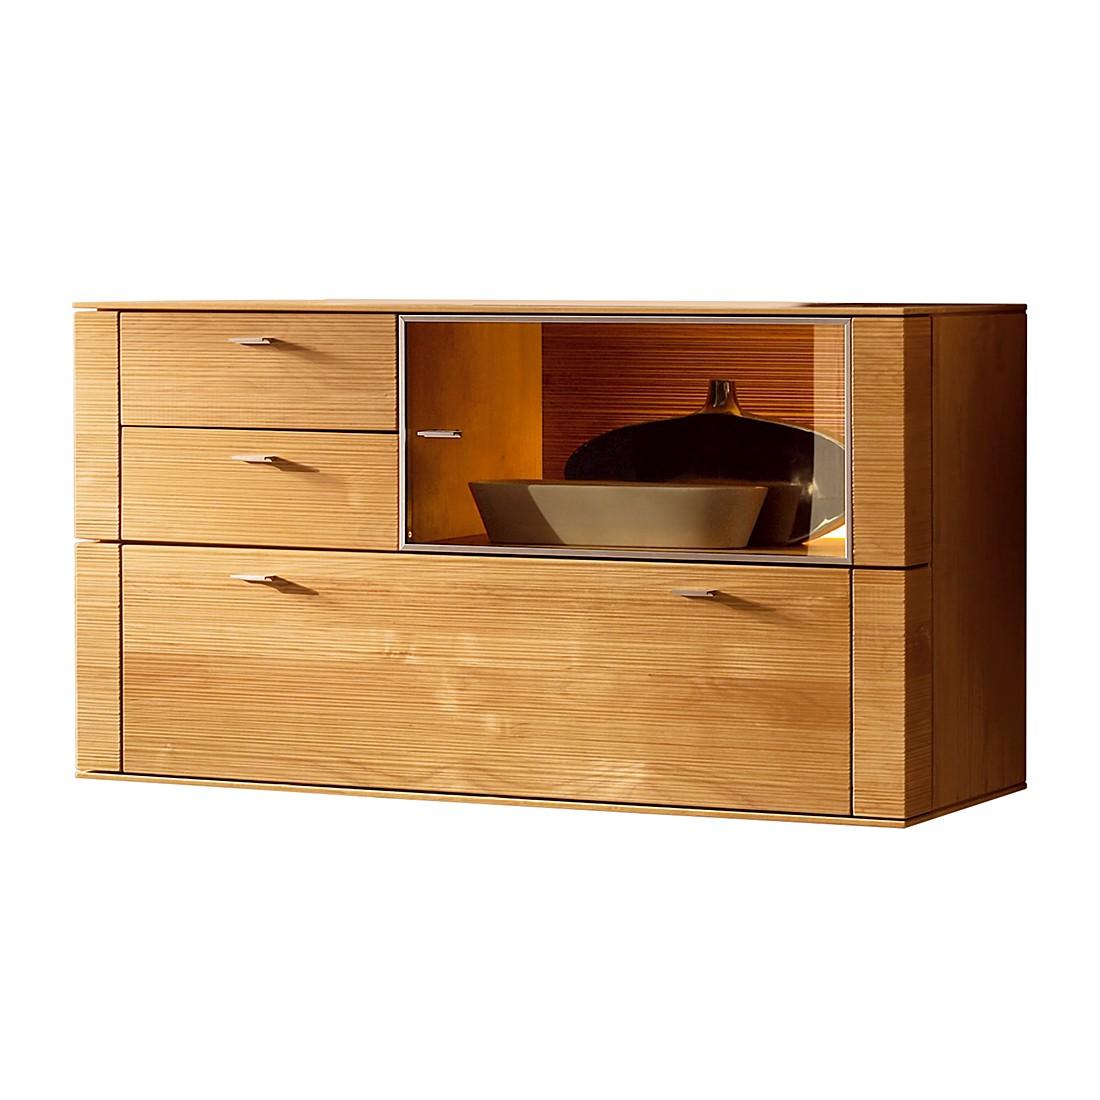 h ngeschrank optima i erle massiv ohne beleuchtung. Black Bedroom Furniture Sets. Home Design Ideas